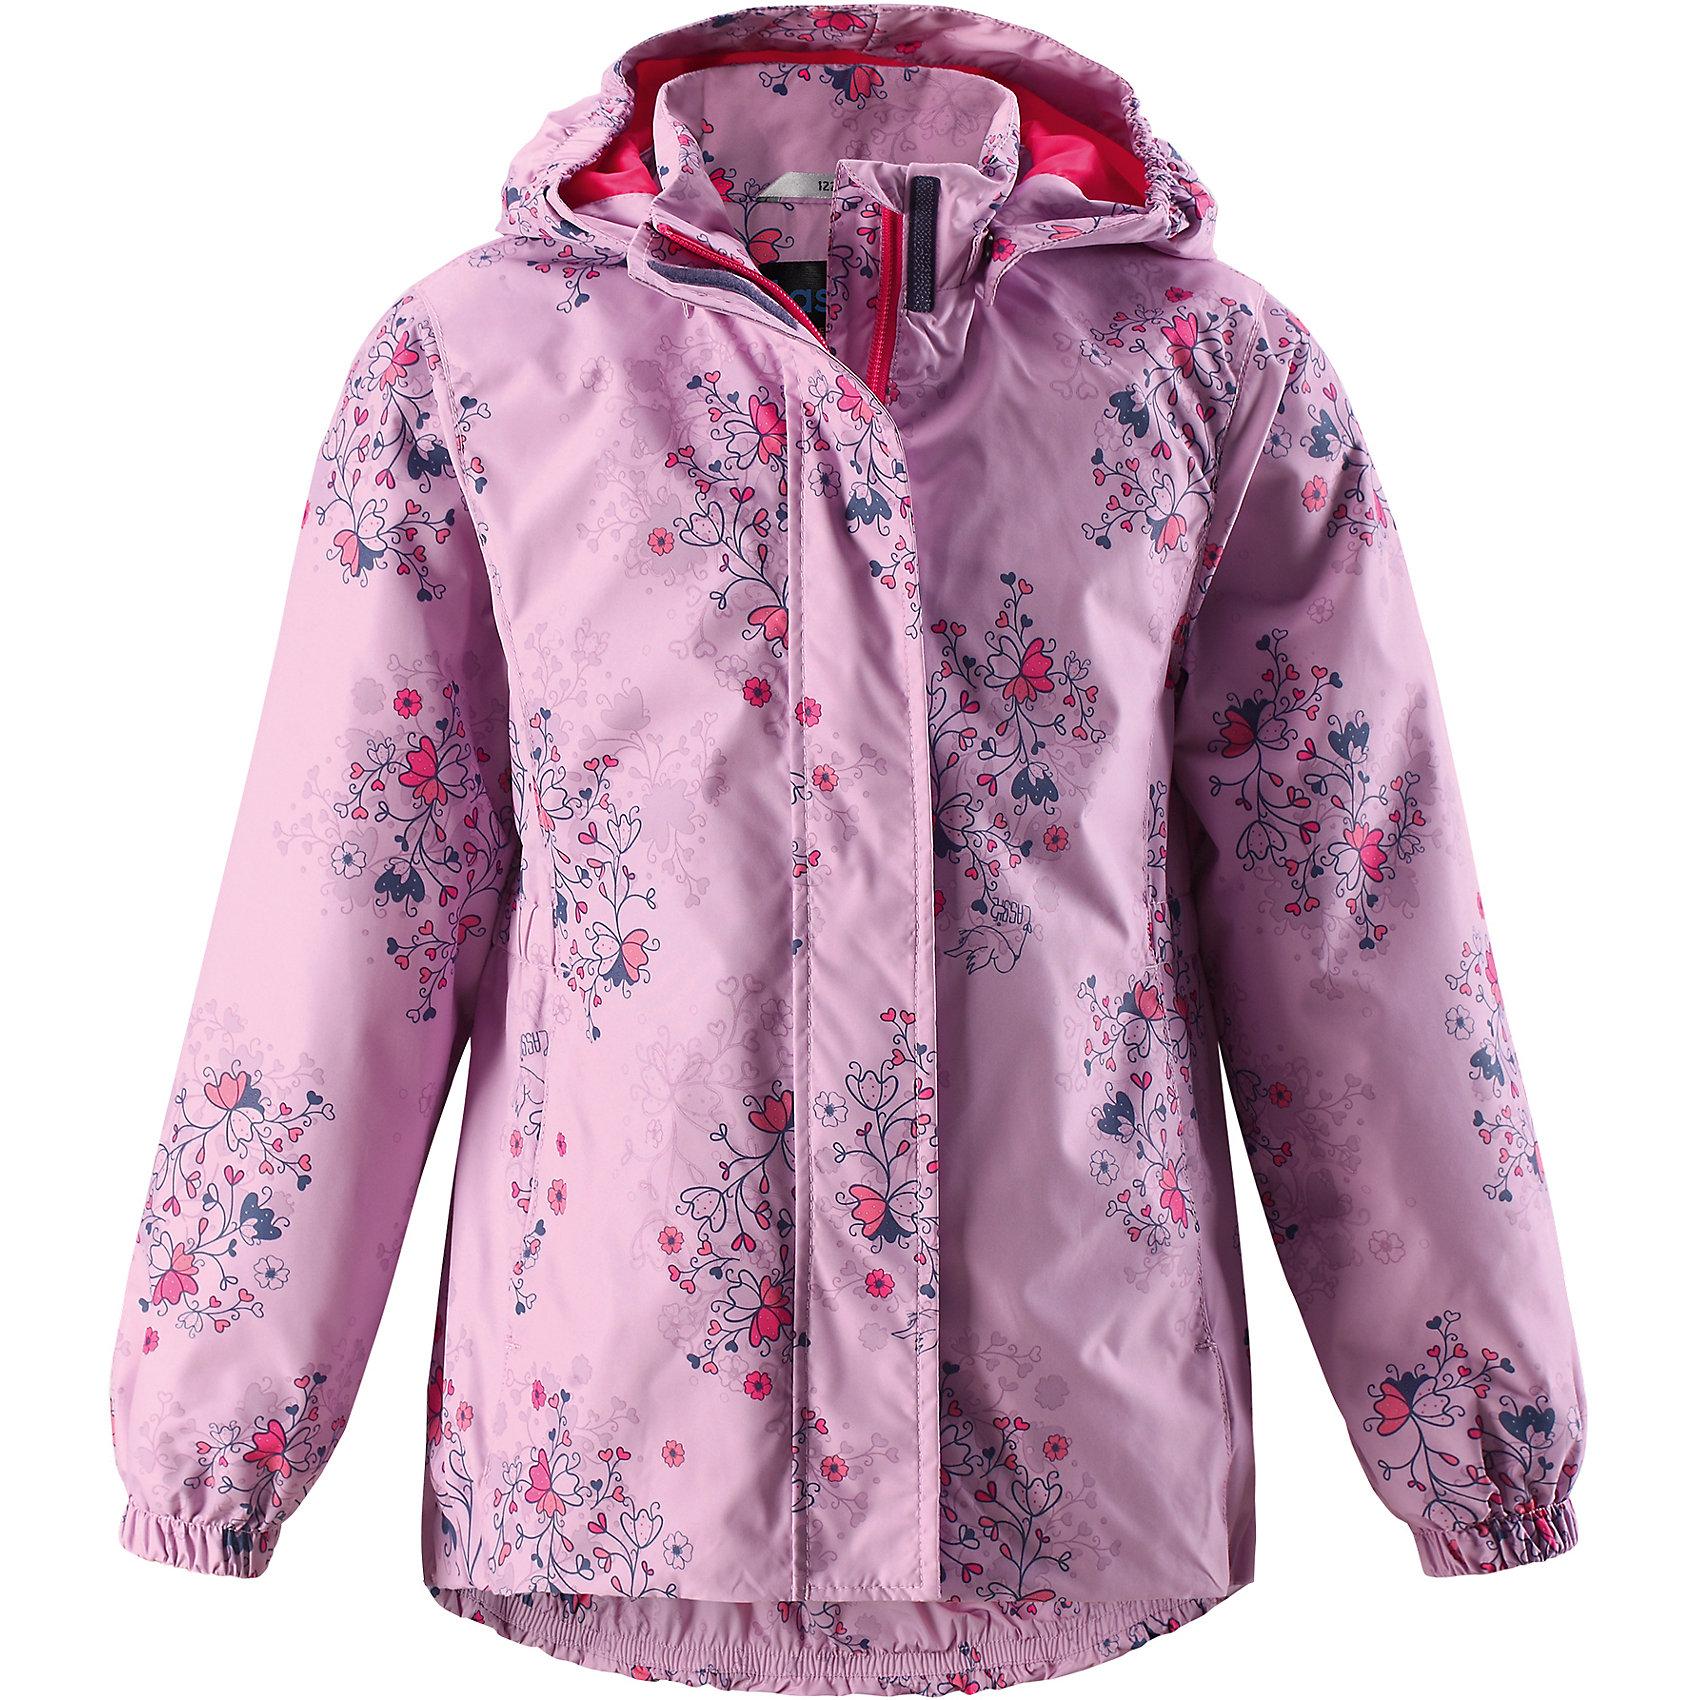 Куртка для девочки LASSIEКурткадля девочки LASSIE<br>Состав:<br>100% Полиэстер, полиуретановое покрытие<br> Куртка для детей<br> Водоотталкивающий, ветронепроницаемый и «дышащий» материал<br> Крой для девочек<br> Подкладка из mesh-сетки<br> Безопасный, съемный капюшон<br> Эластичные манжеты<br> Эластичная талия<br> Эластичная кромка подола<br> Карманы в боковых швах<br><br>Ширина мм: 356<br>Глубина мм: 10<br>Высота мм: 245<br>Вес г: 519<br>Цвет: розовый<br>Возраст от месяцев: 156<br>Возраст до месяцев: 168<br>Пол: Женский<br>Возраст: Детский<br>Размер: 140,122,92,98,104,110,116,128,134<br>SKU: 5264555